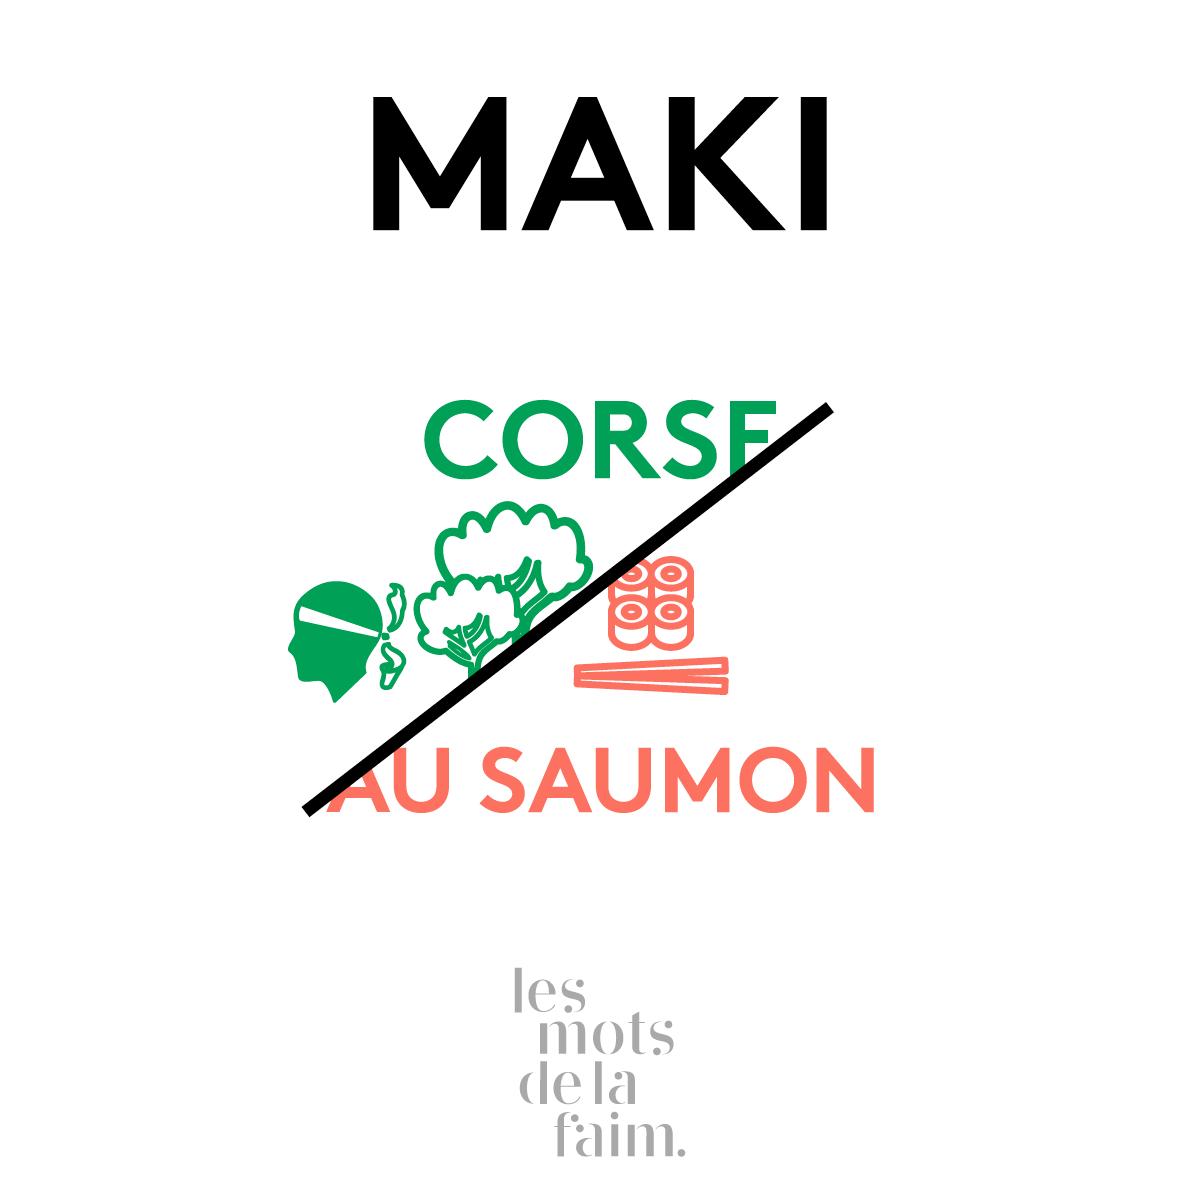 Prendre le maki avec des baguettes - © Les mots de la faim